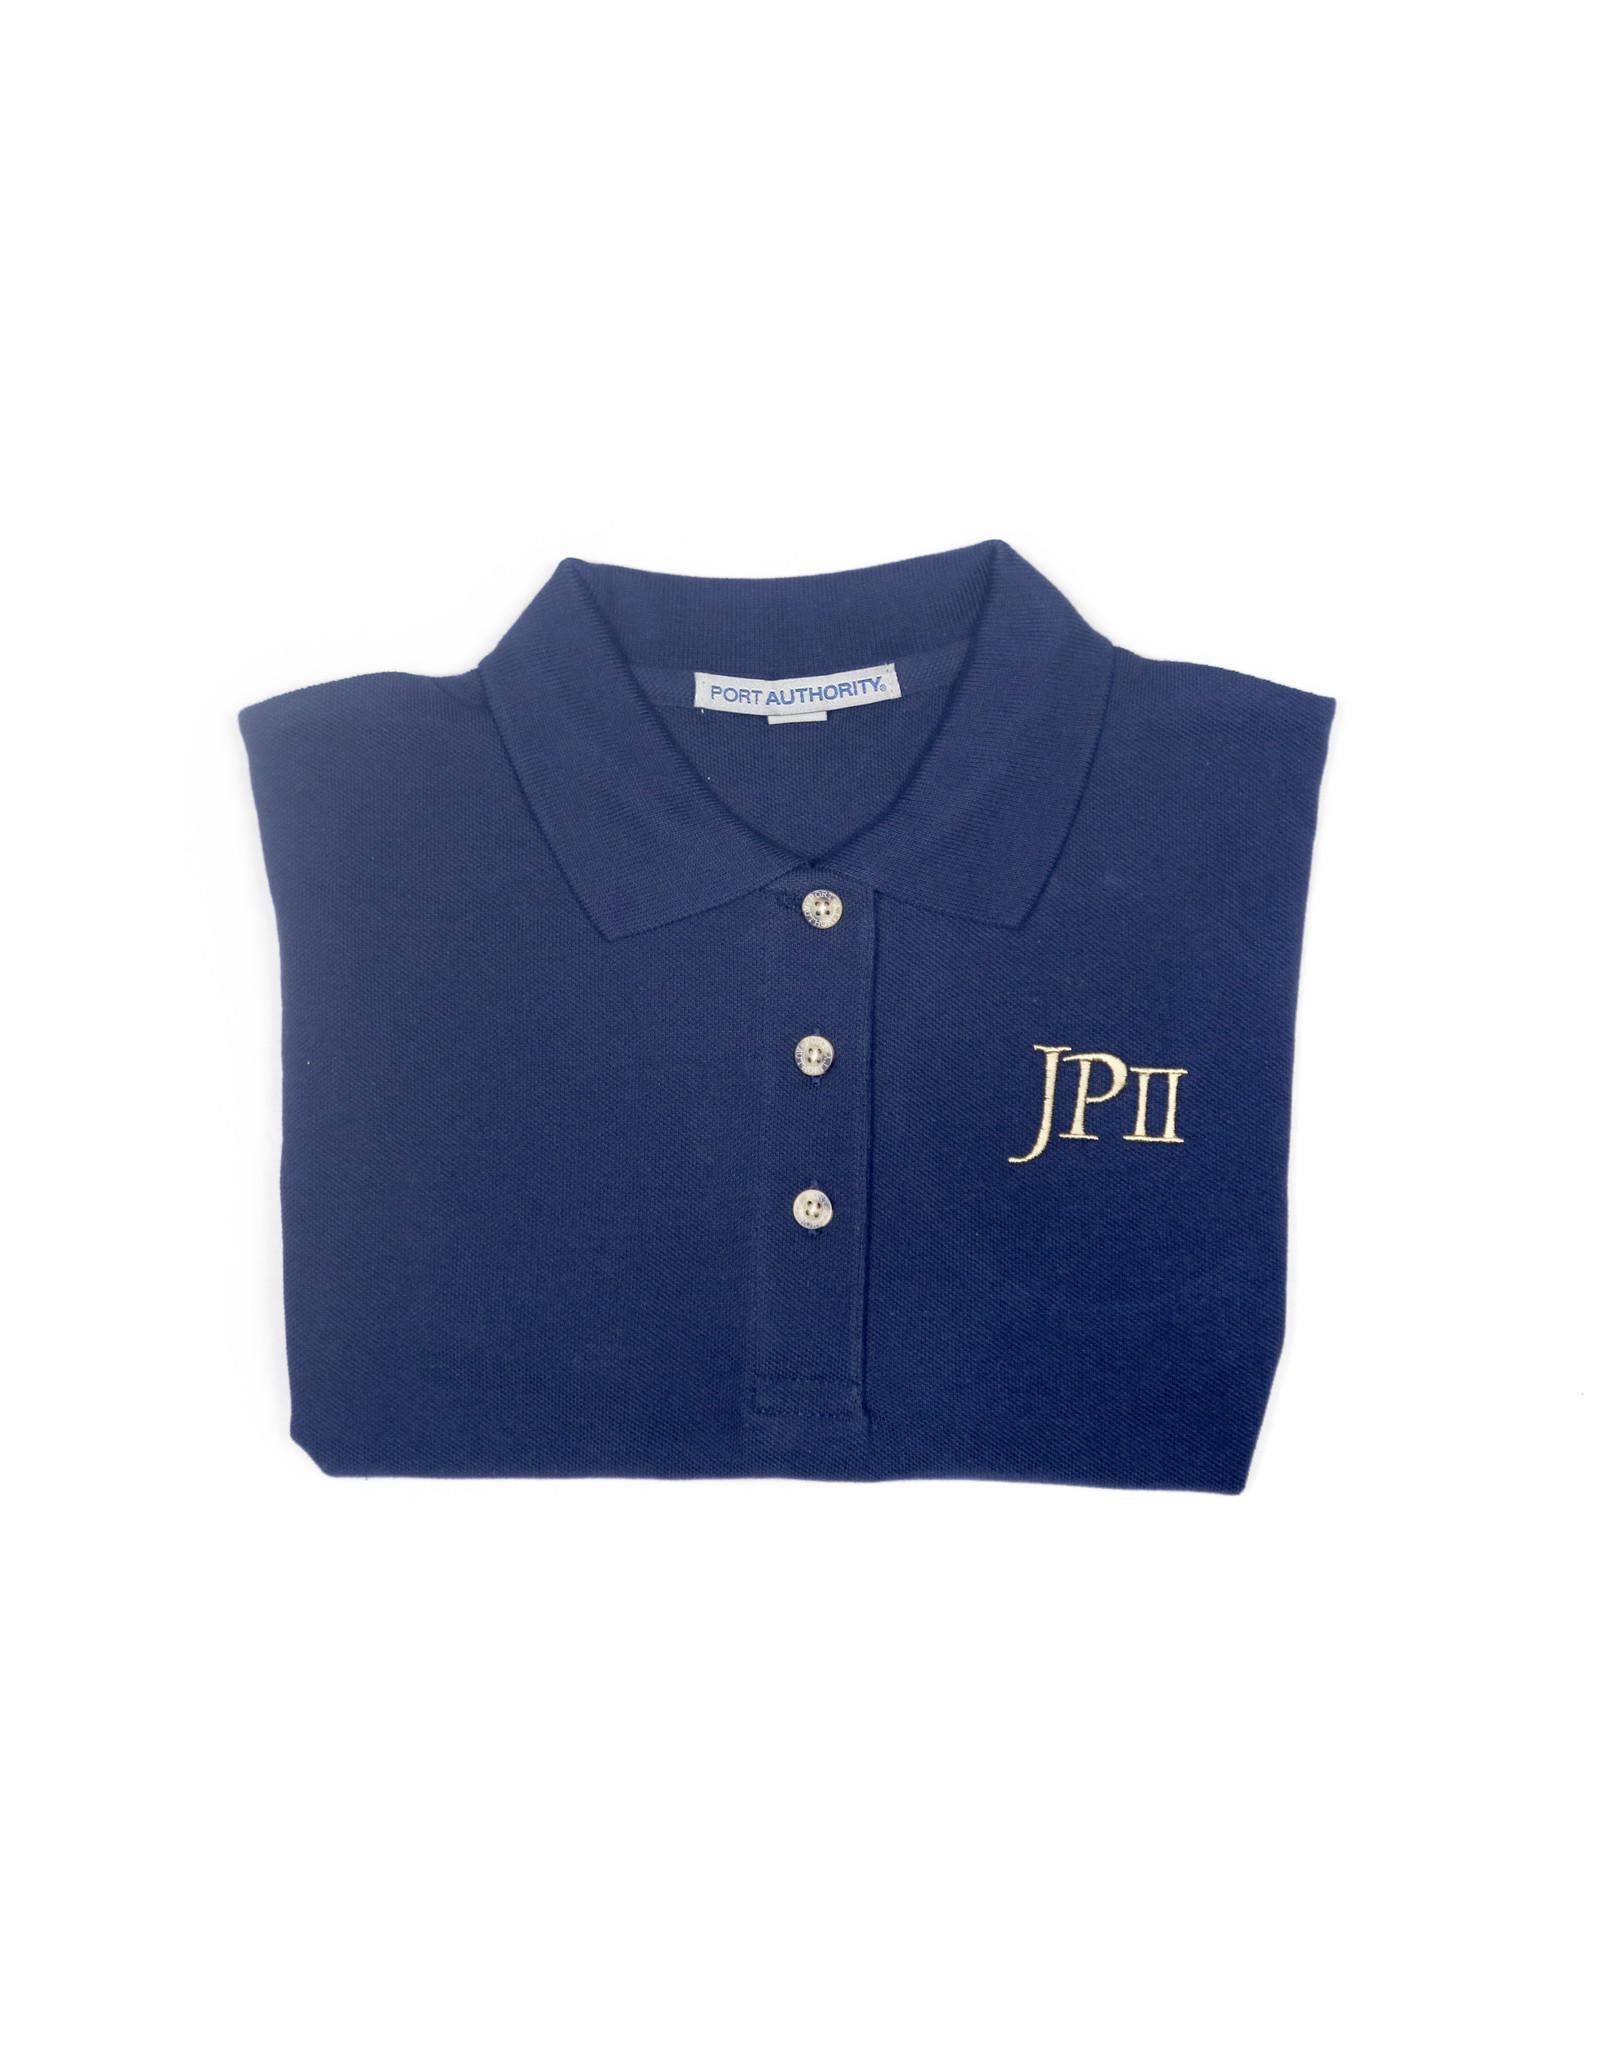 Port Authority Ladies Polo Uniform